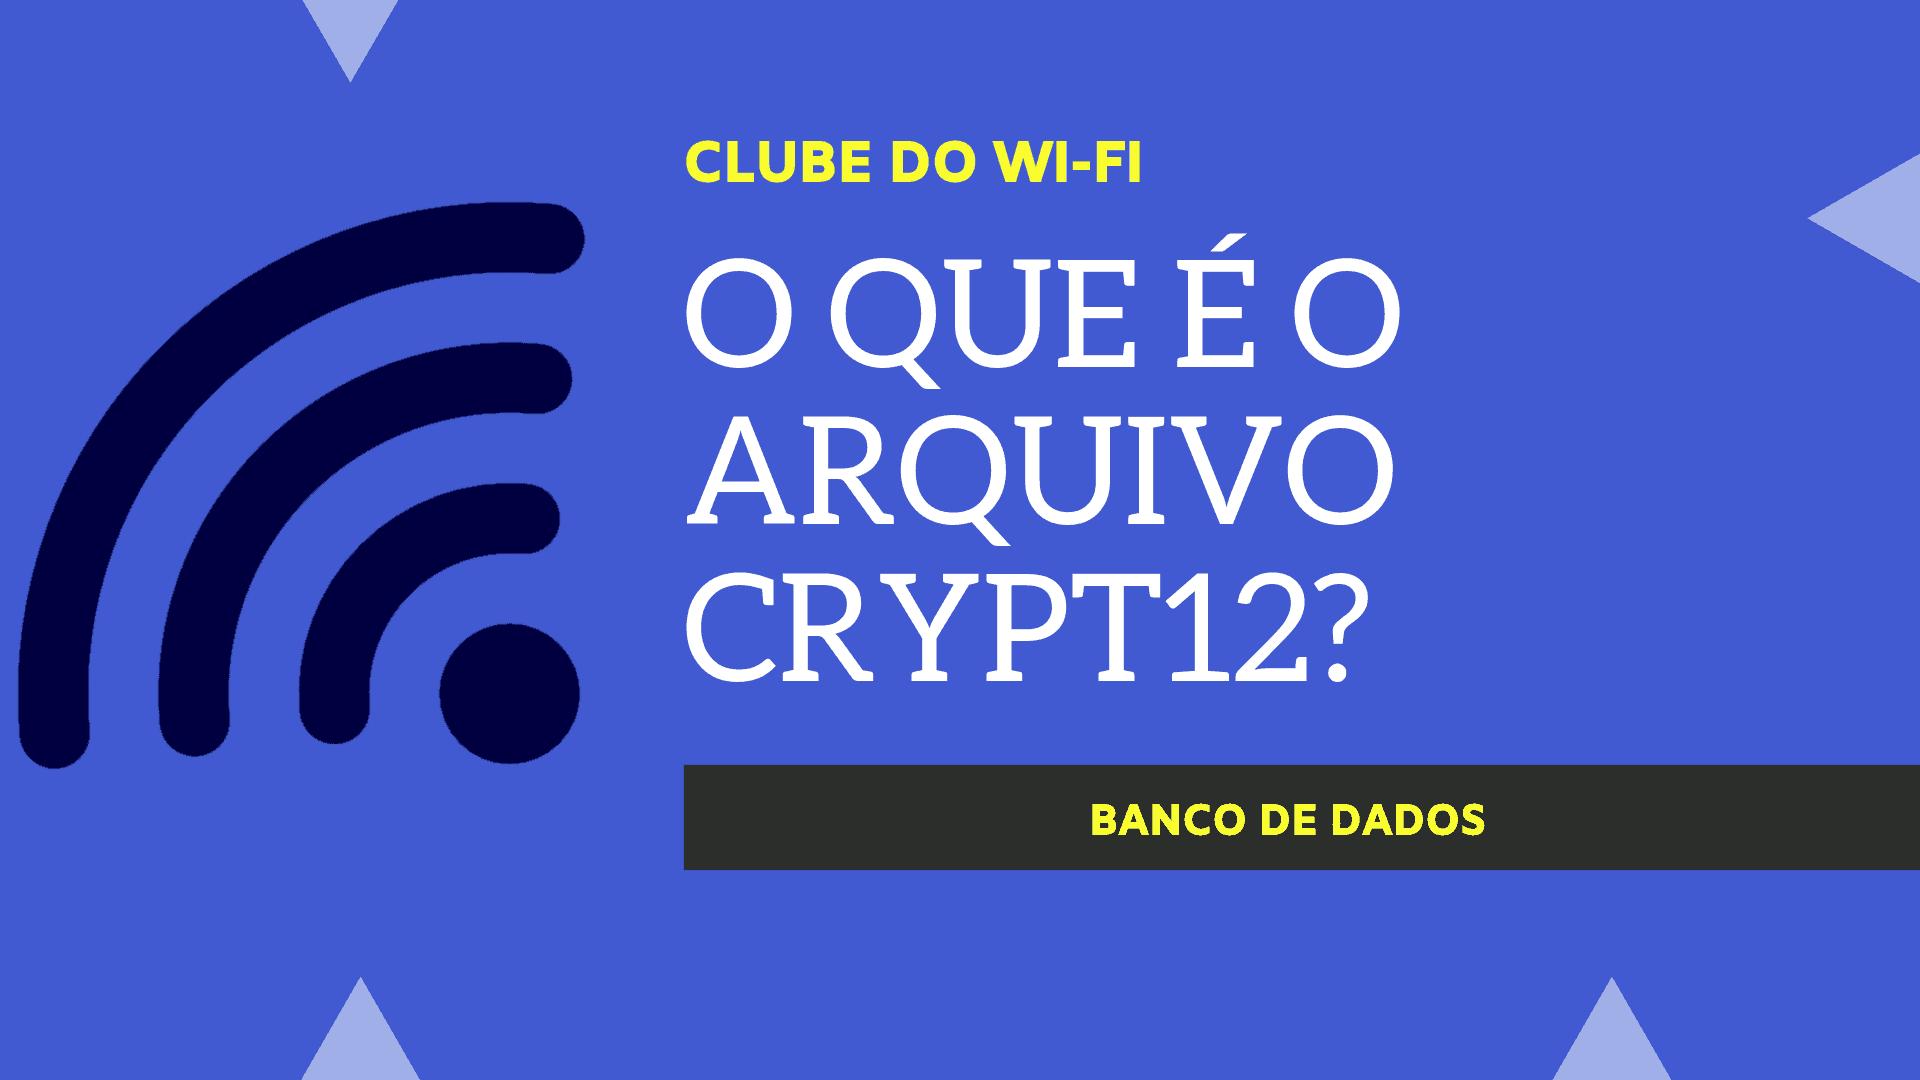 Texto diz: O que é o arquivo Crypt12? (key whatsapp crypt12 download abrir crypt12 online crypt12 descriptografar online backuptrans crypt12)